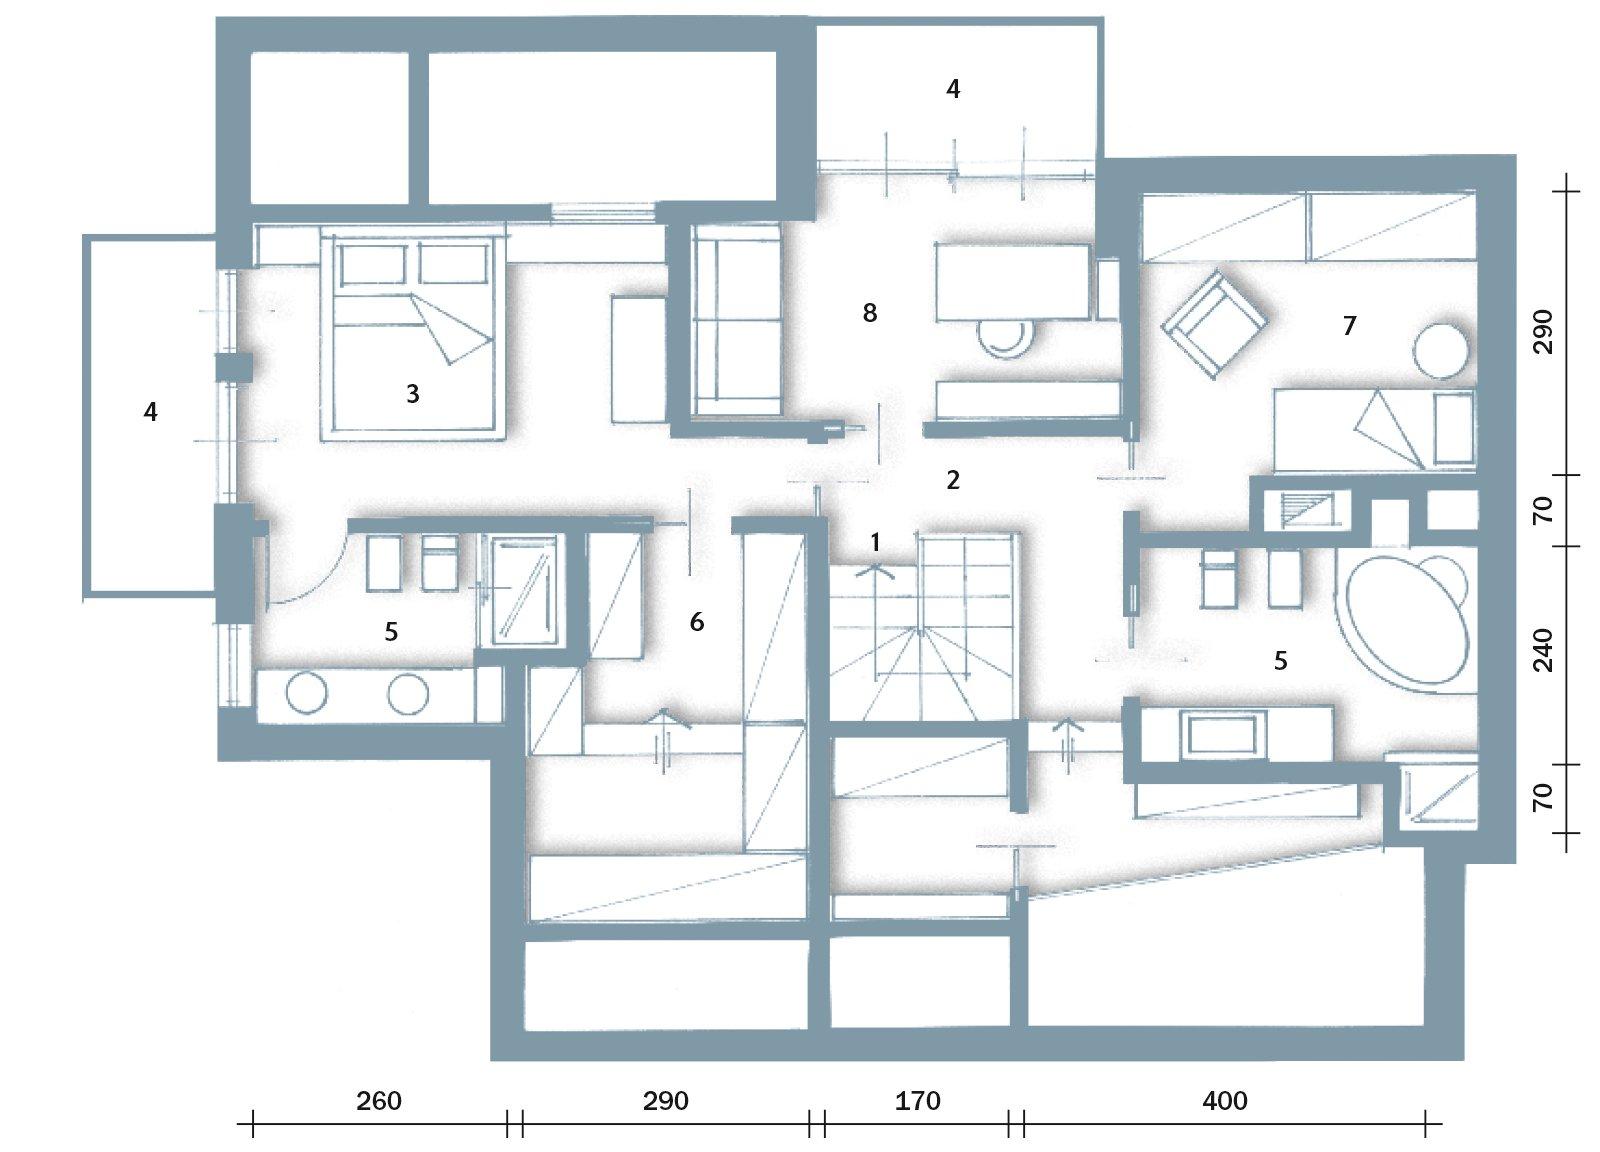 Bianco grigio nero per la casa di gusto contemporaneo for Bellissimi disegni di casa dentro e fuori